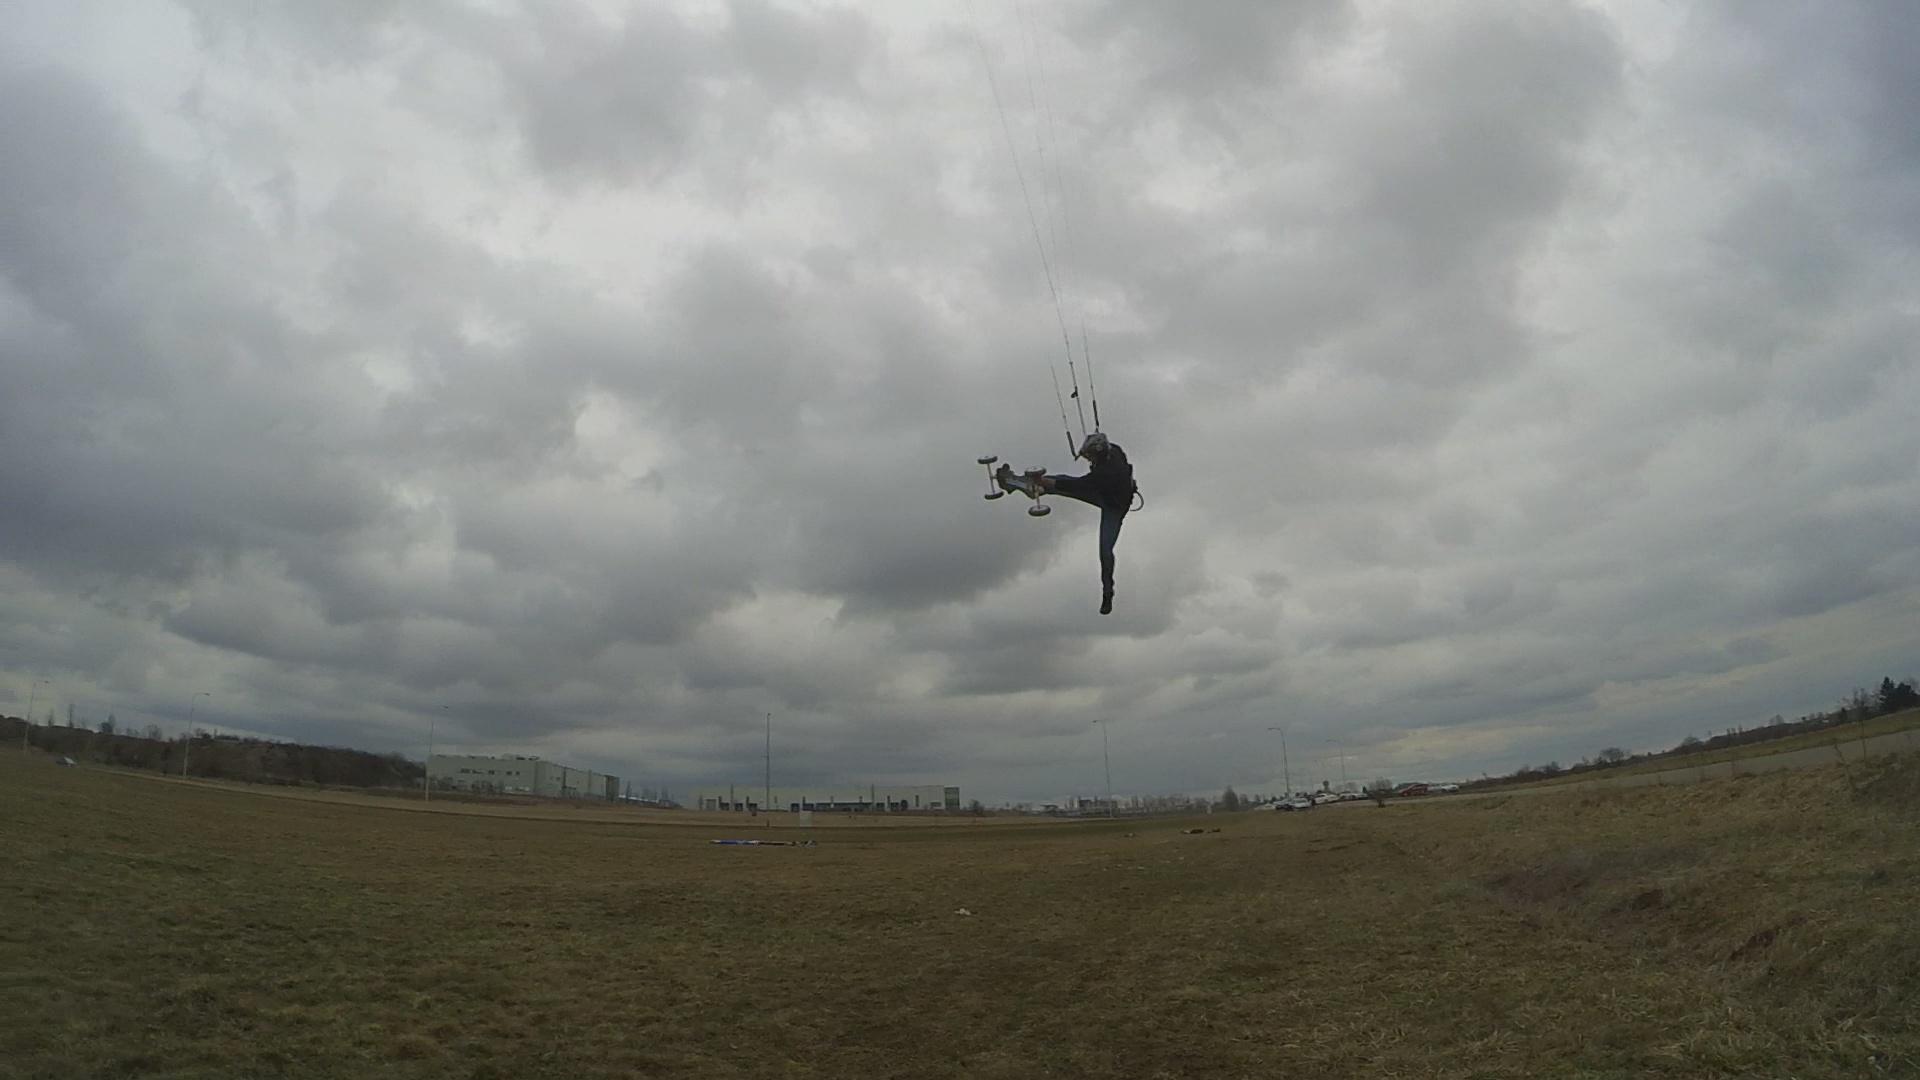 kite-Flysurfer-Soul-test-30.jpg